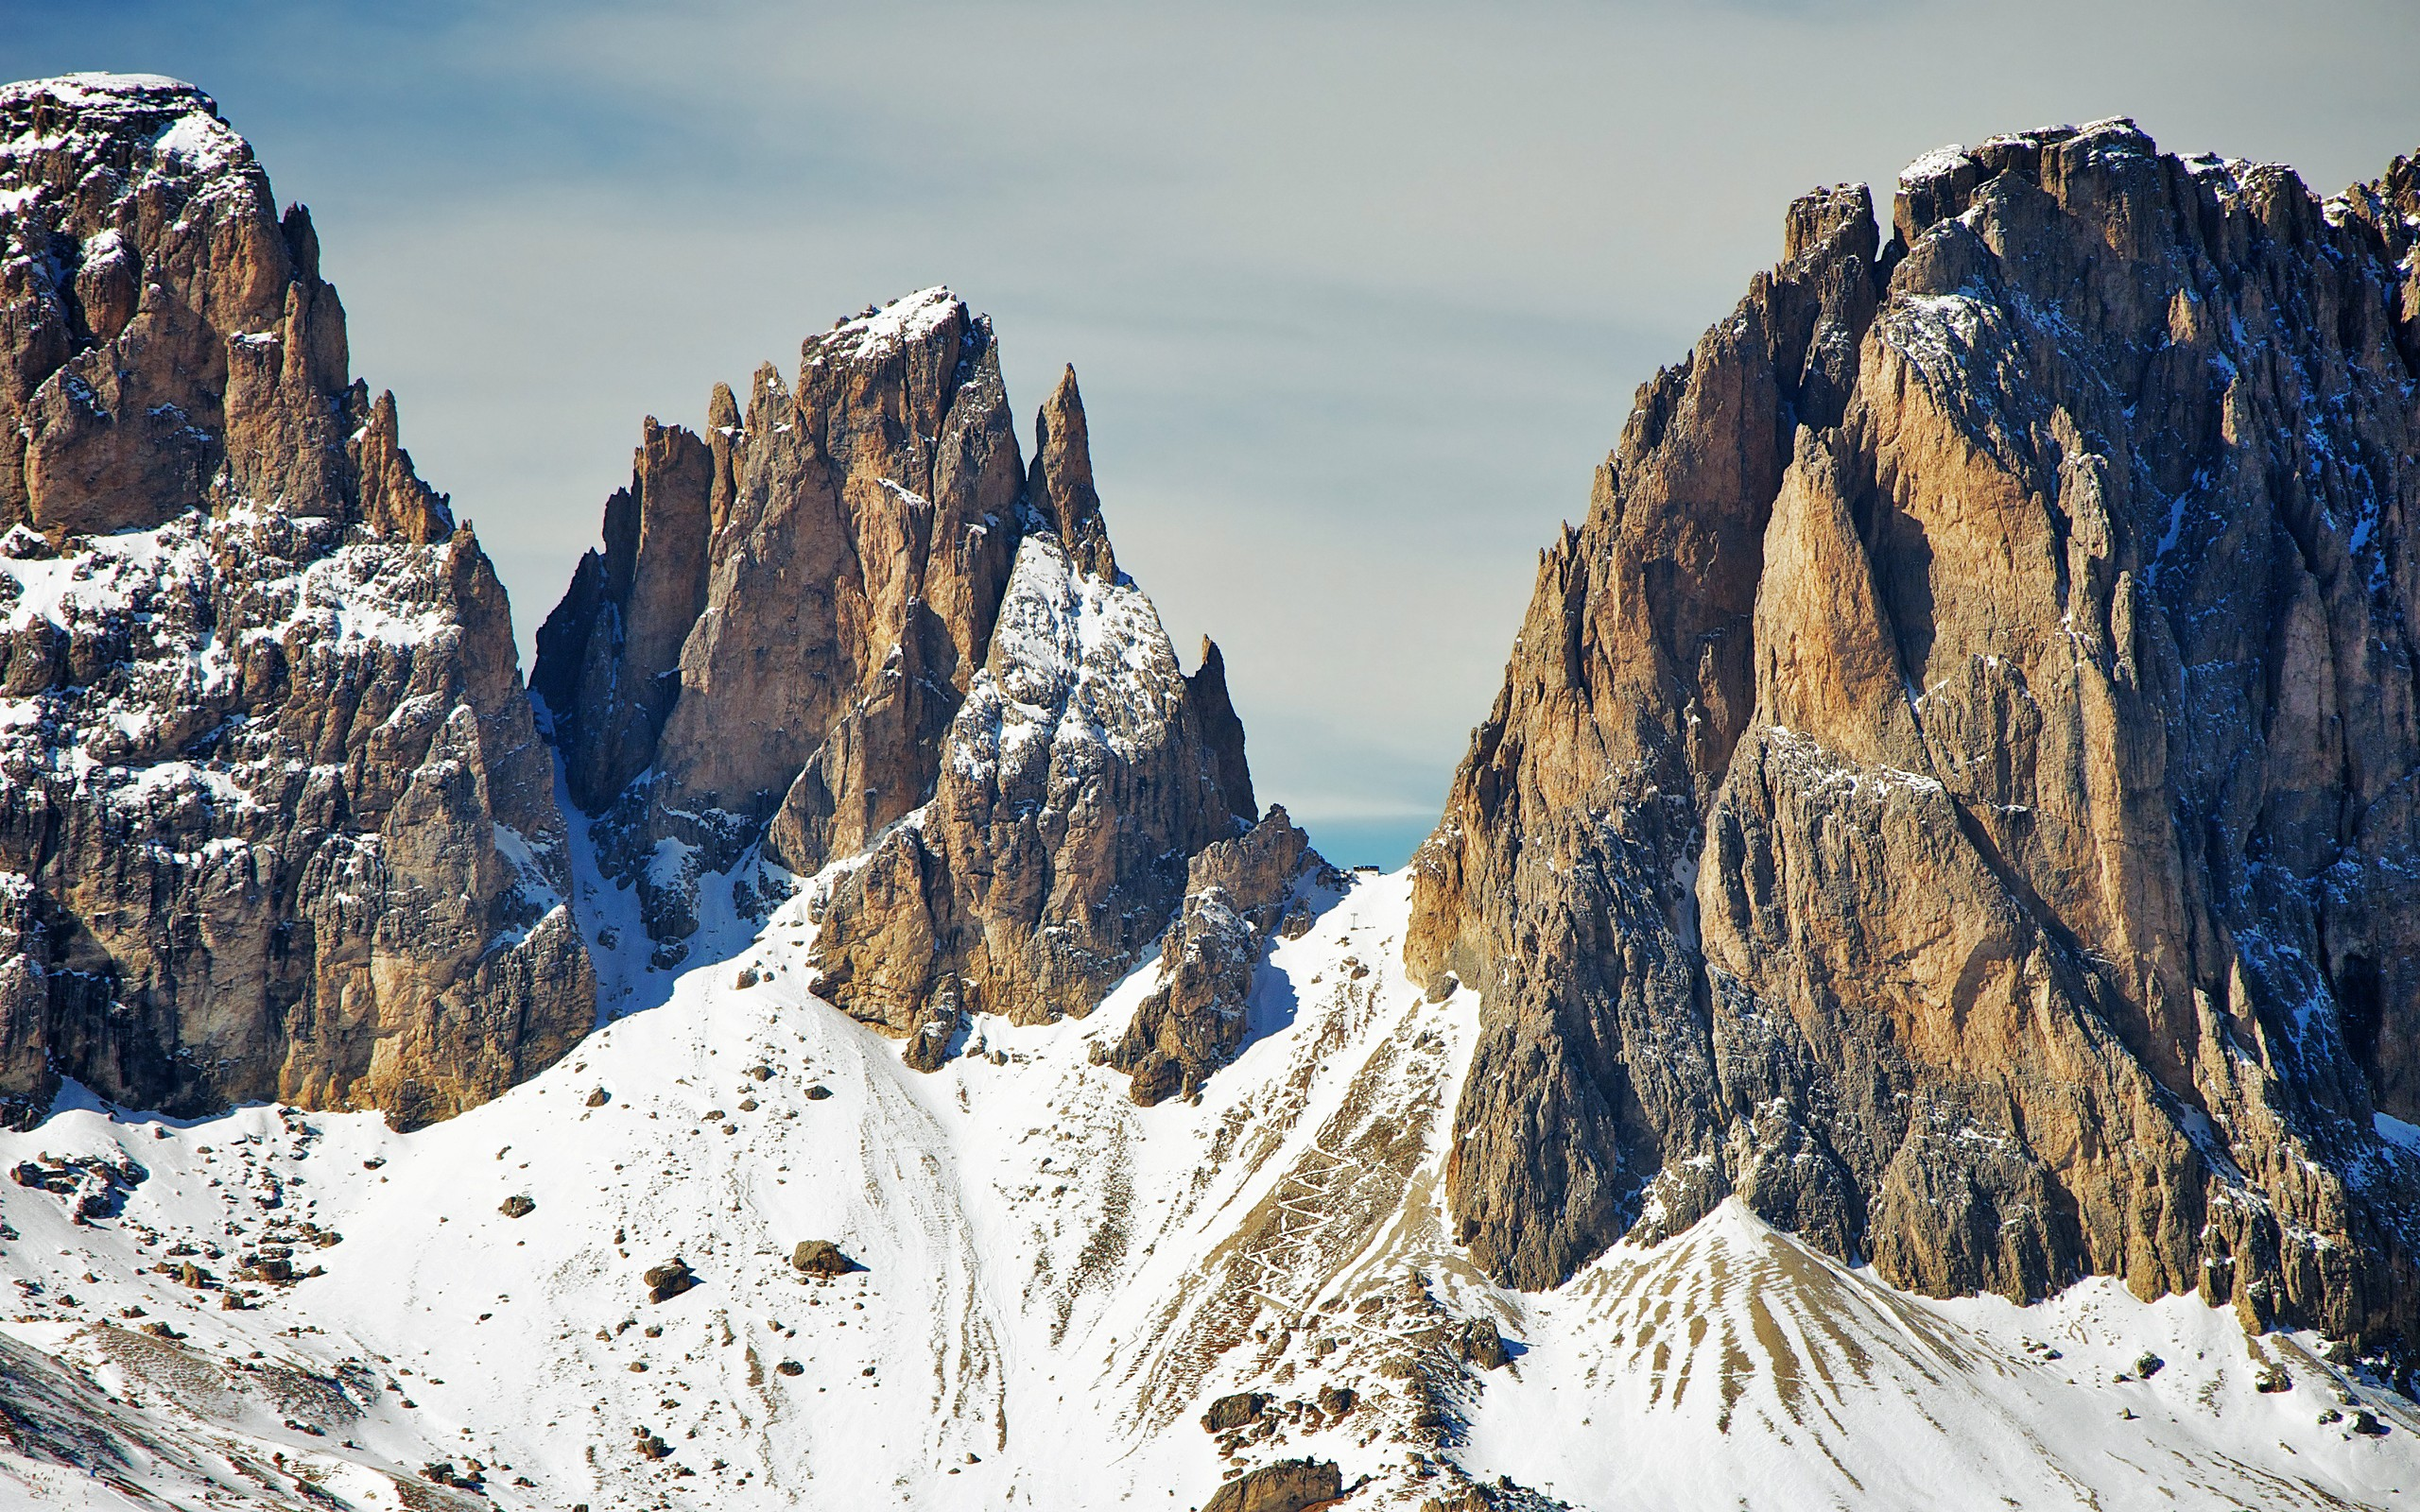 Montañas cubiertas por nieve - 2560x1600